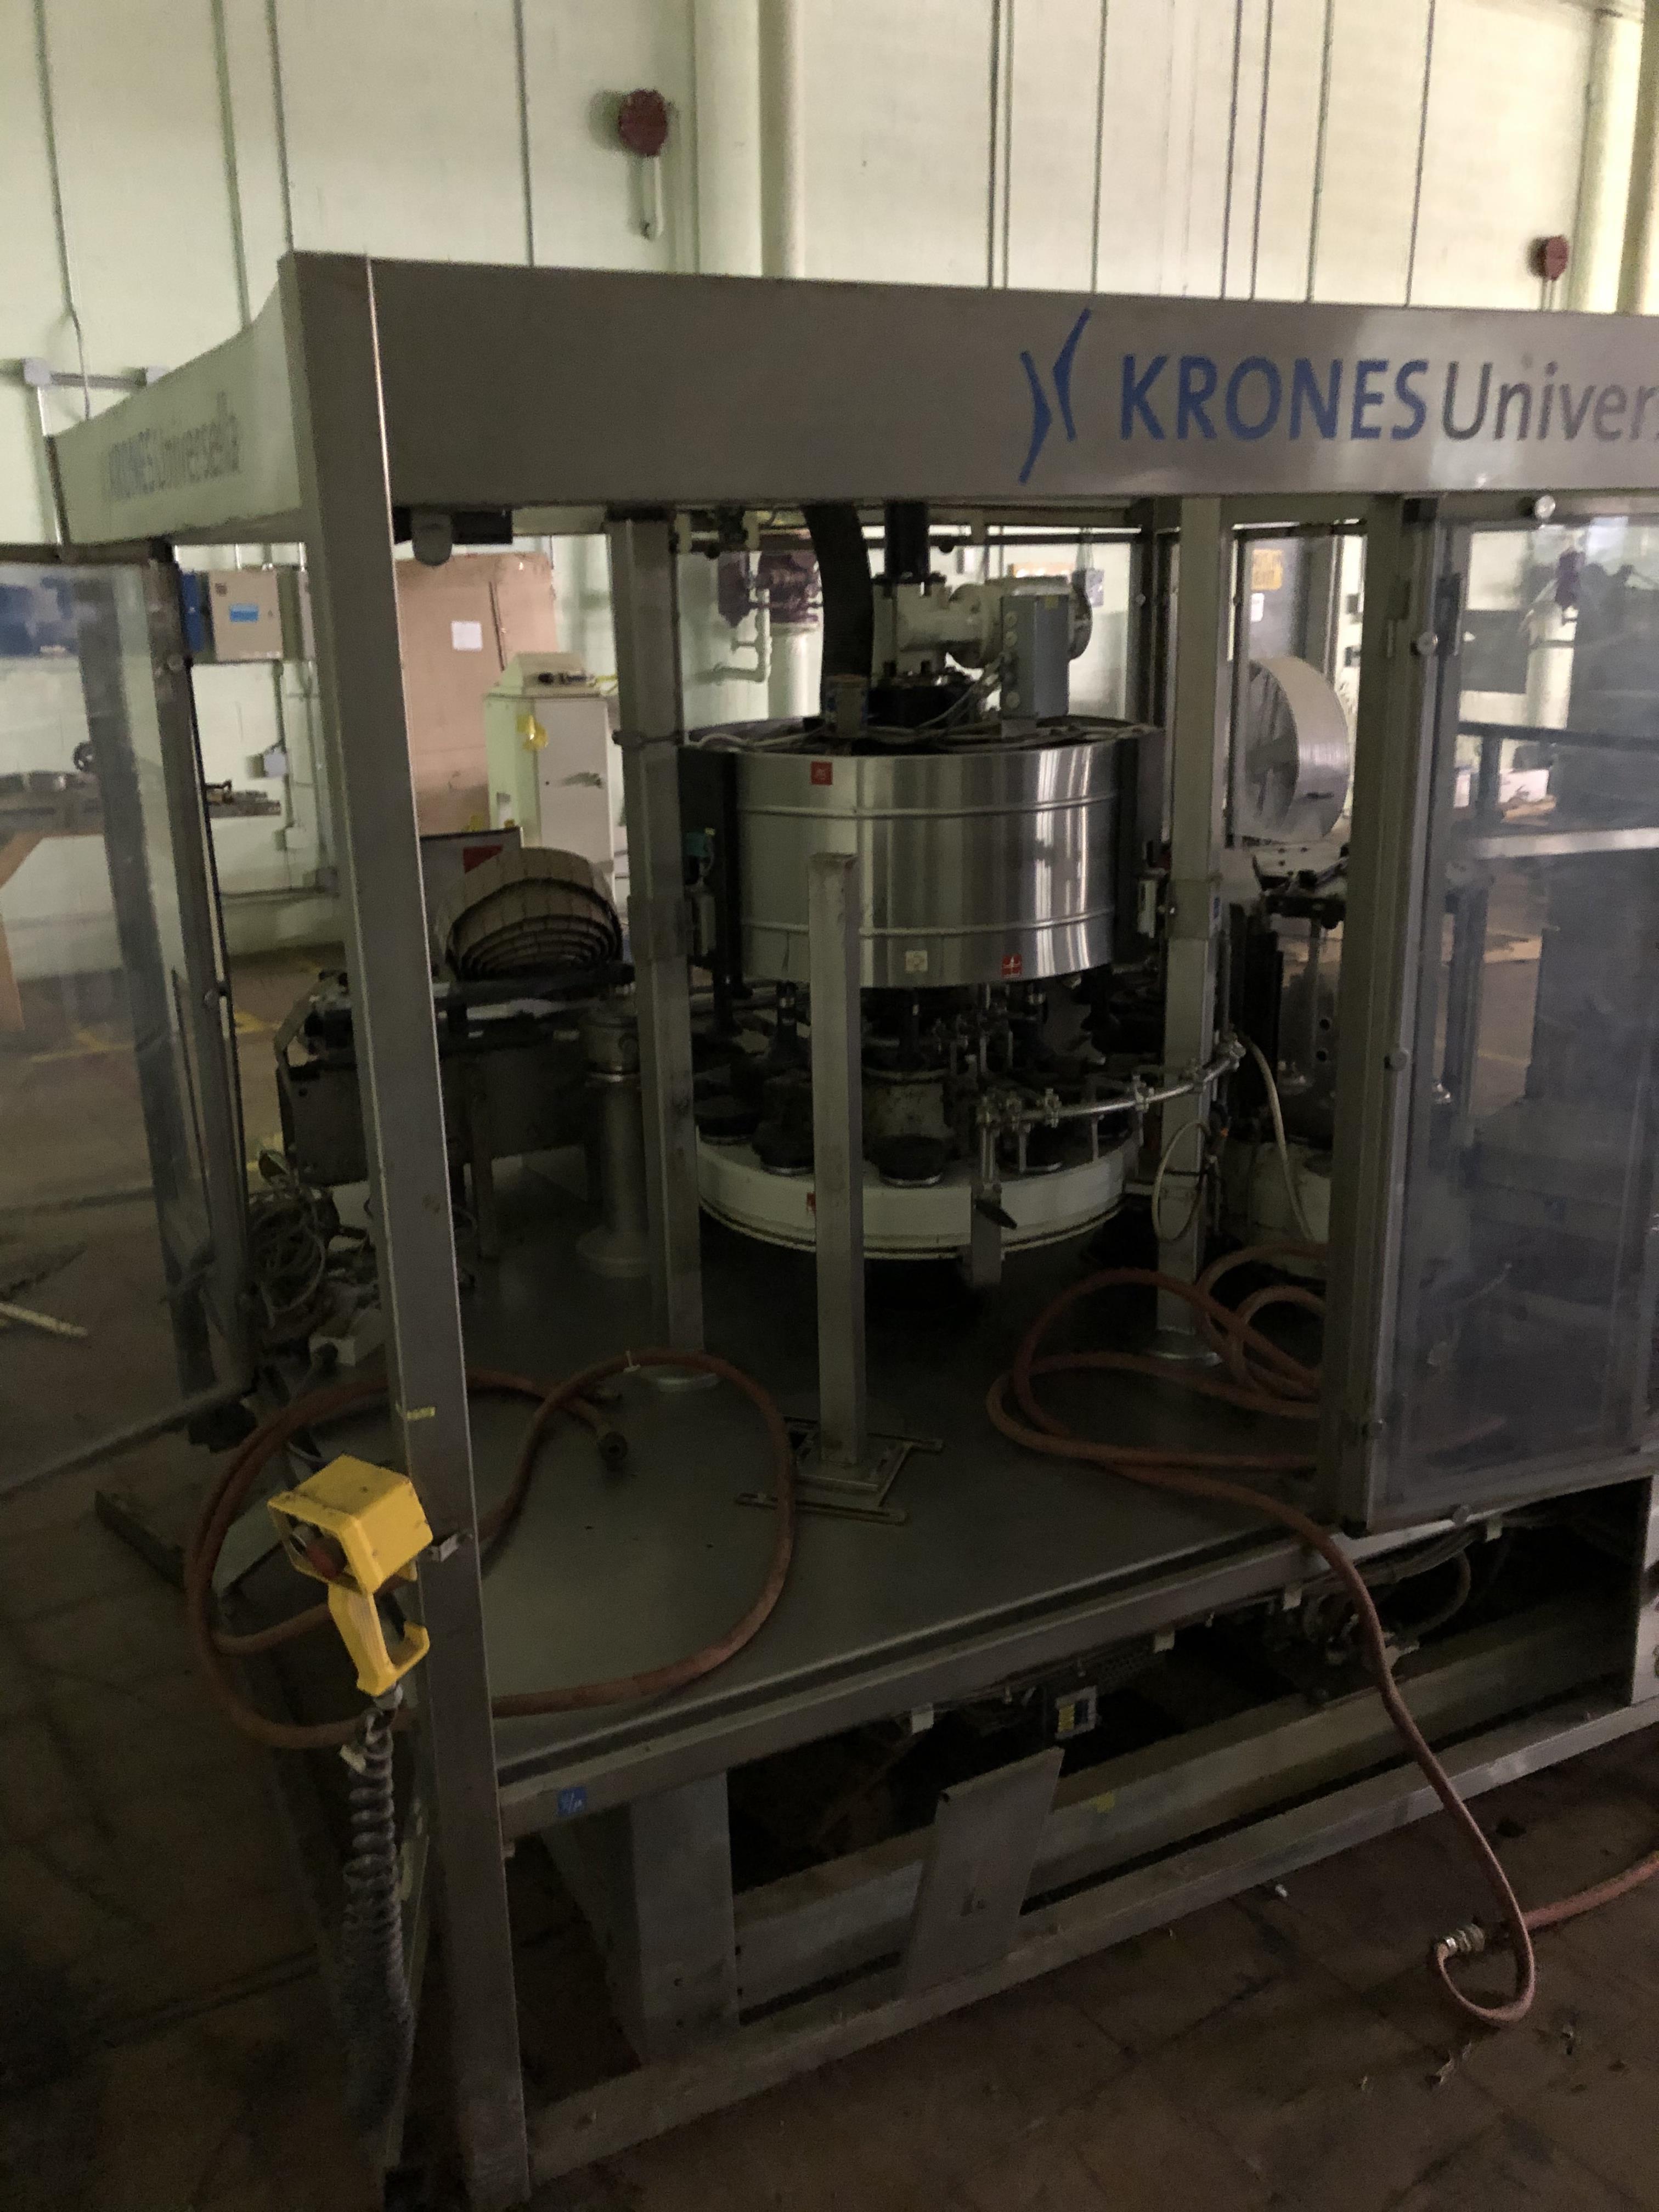 Krones Universella Labeler, Machine #723-E86, RIGGING FEE - $1750 - Image 3 of 6